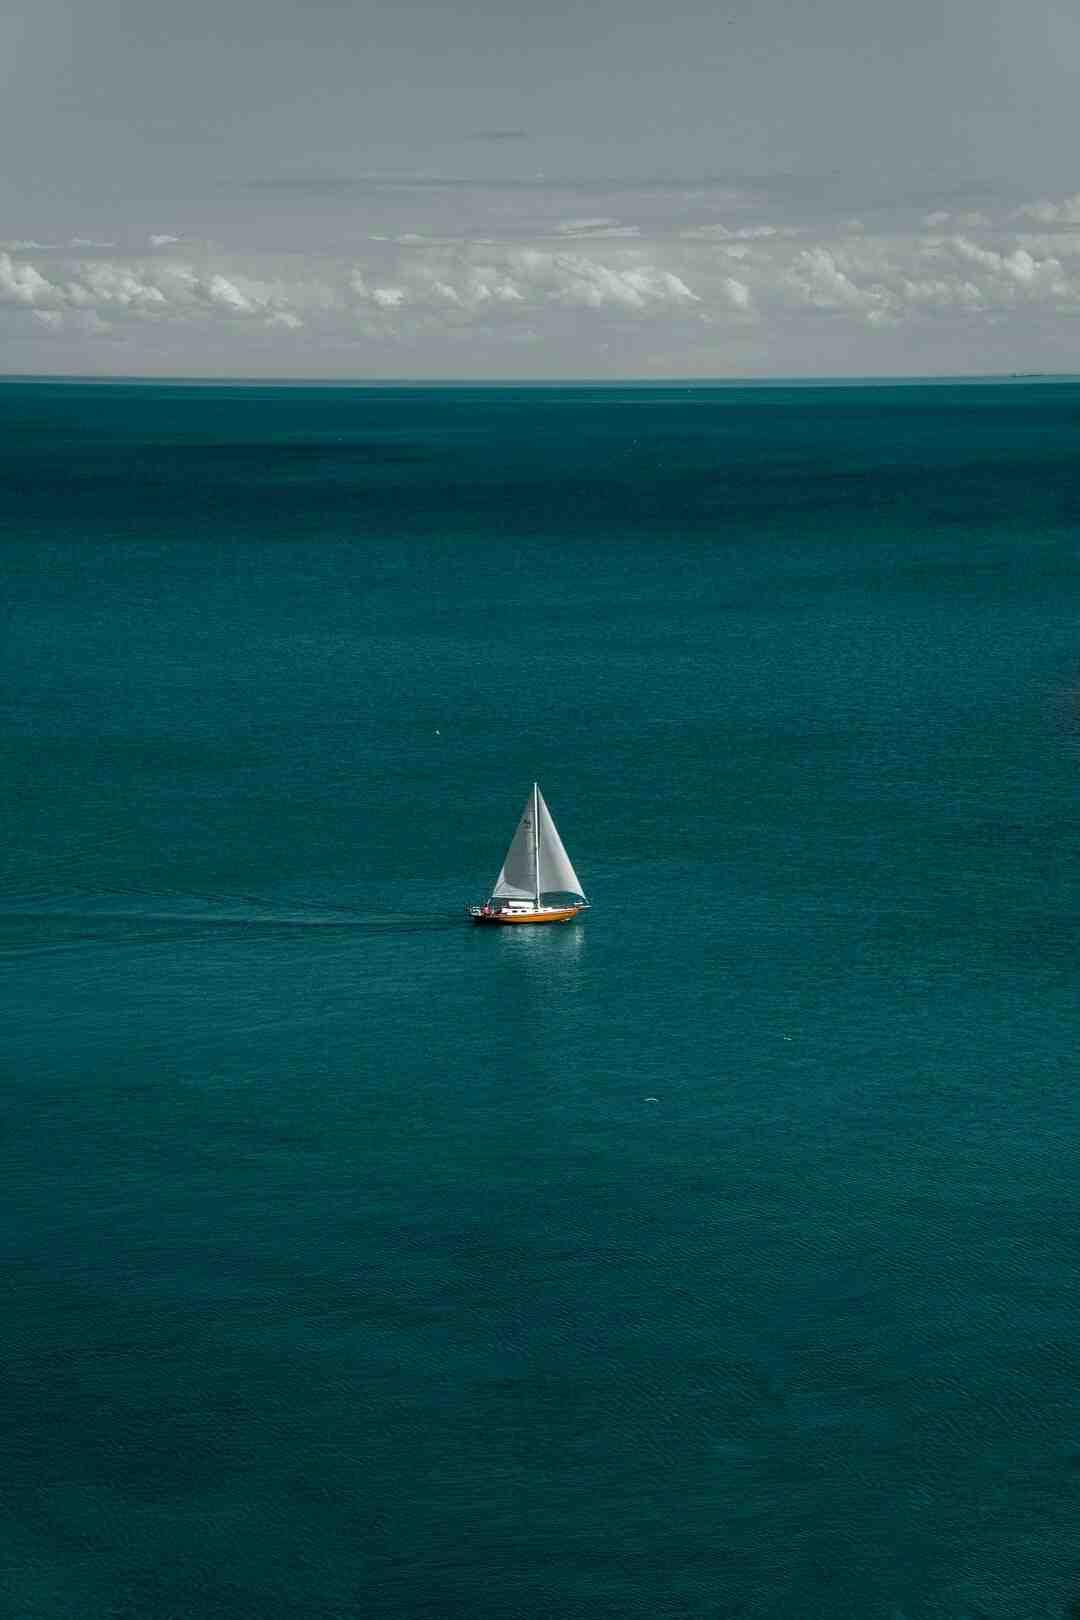 Comment un bateau flotte